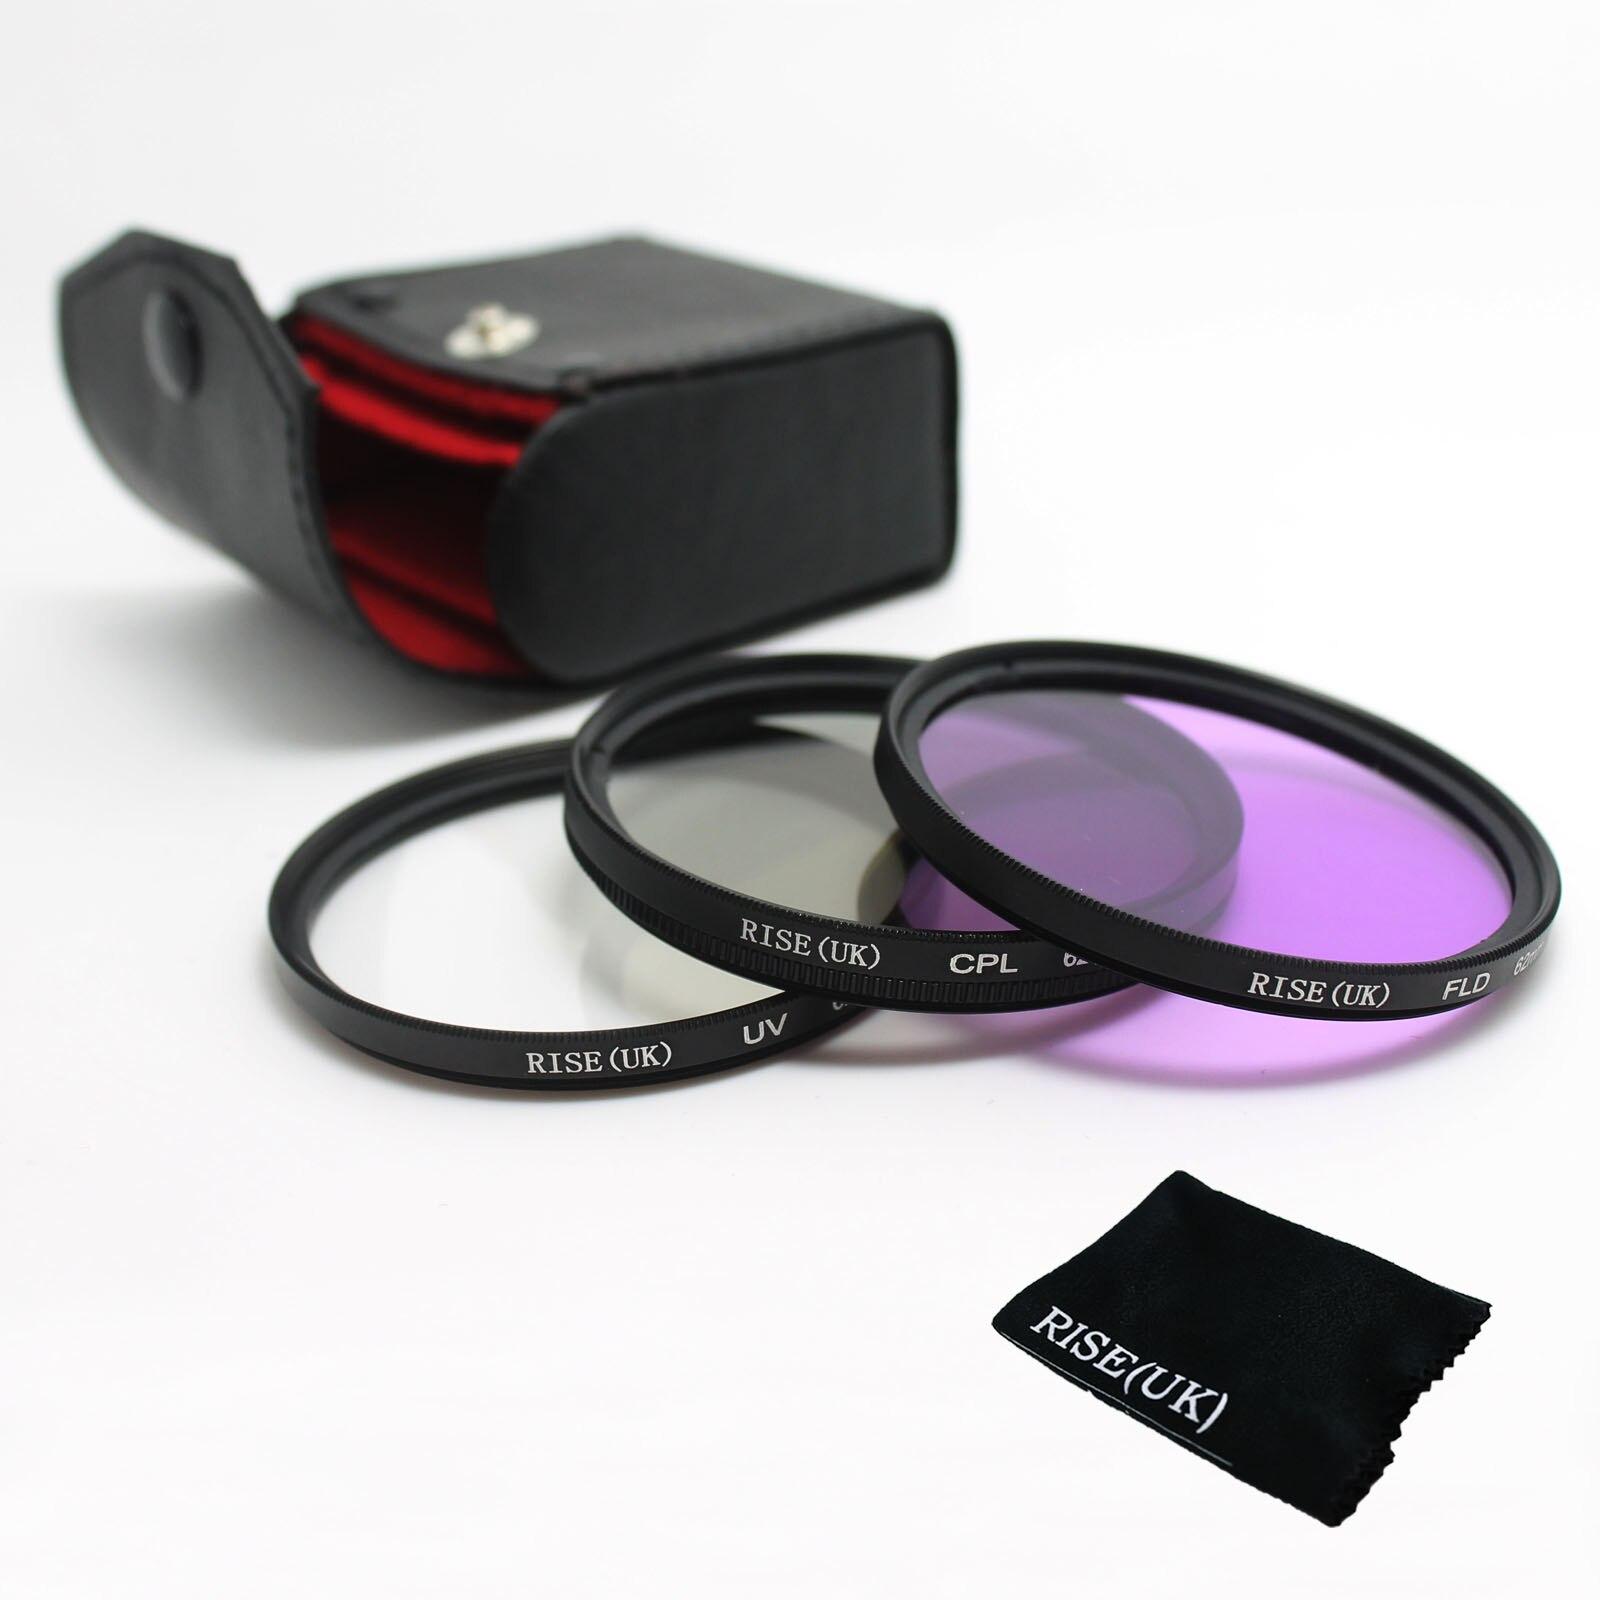 RISE (UK) 49mm 52mm 55mm 58mm 62mm 67mm 72mm 77mm UV + FLD + Cpl Objektiv-filter-schutzfolie für canon nikon pentax sony dslr kamera